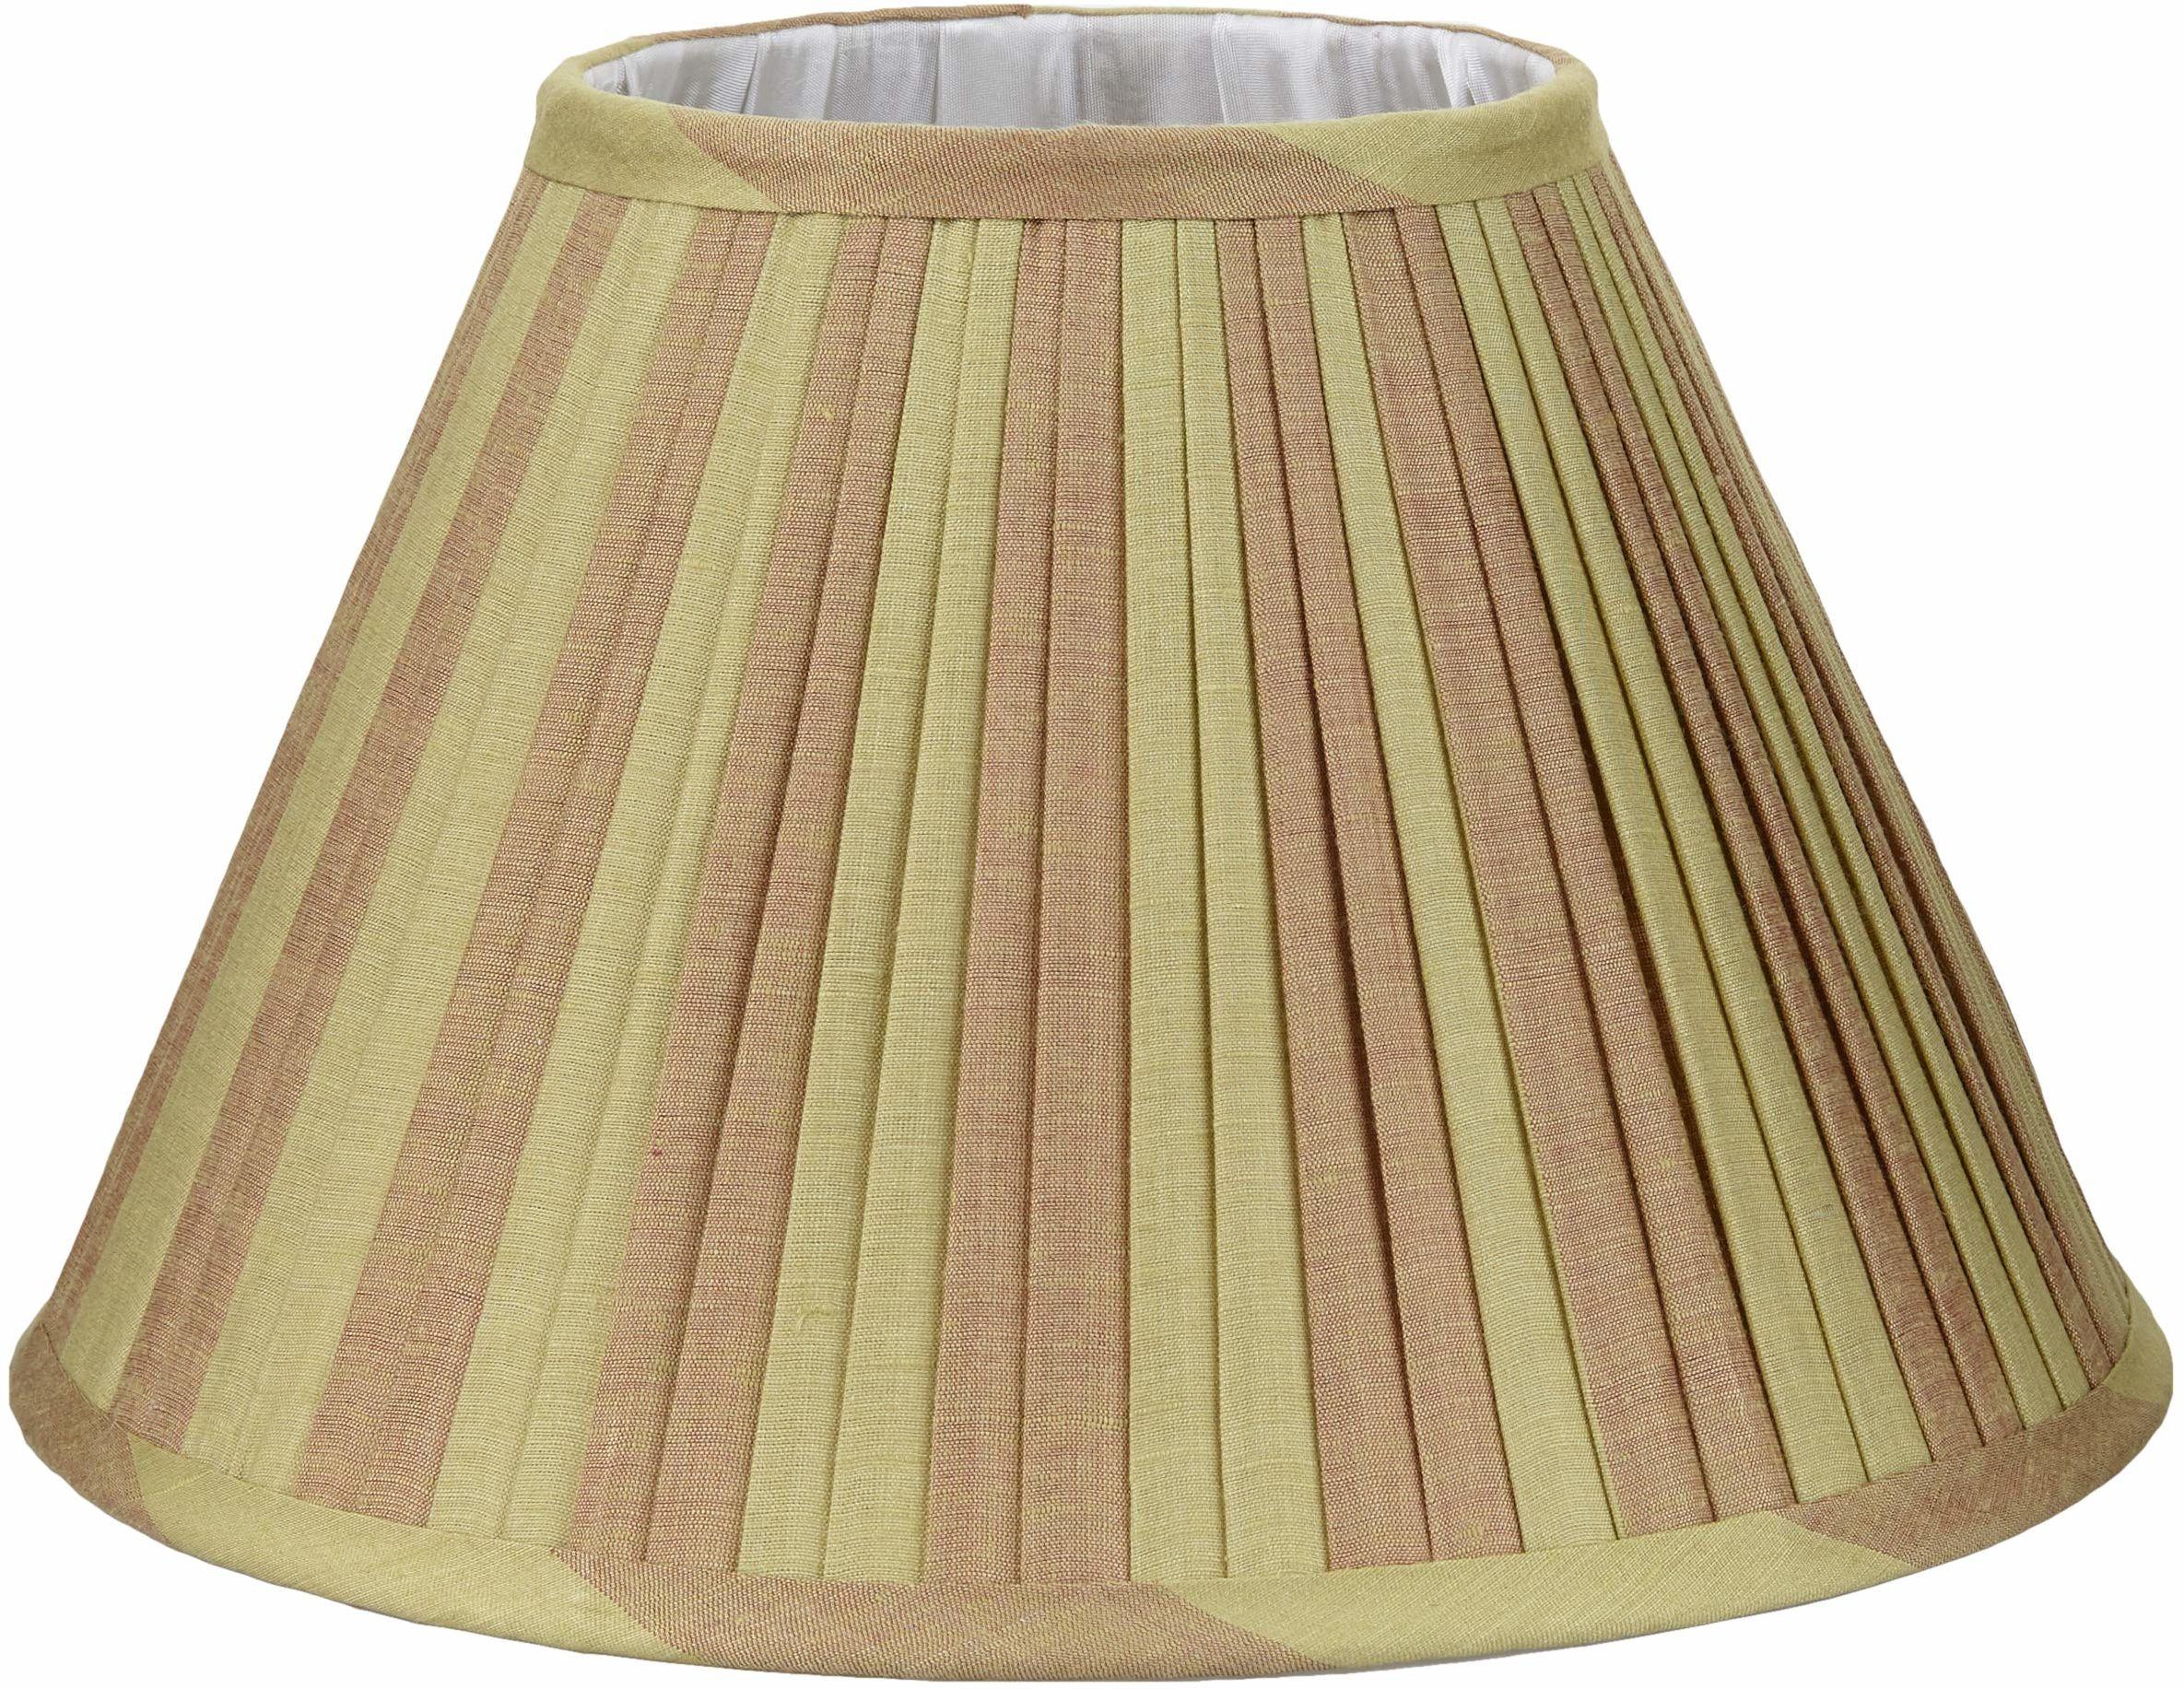 Better & Best 0213308  Klosz lampy z jedwabiu, tabela wąskich pasków 30 cm, dwukolorowy, taupe i zielony